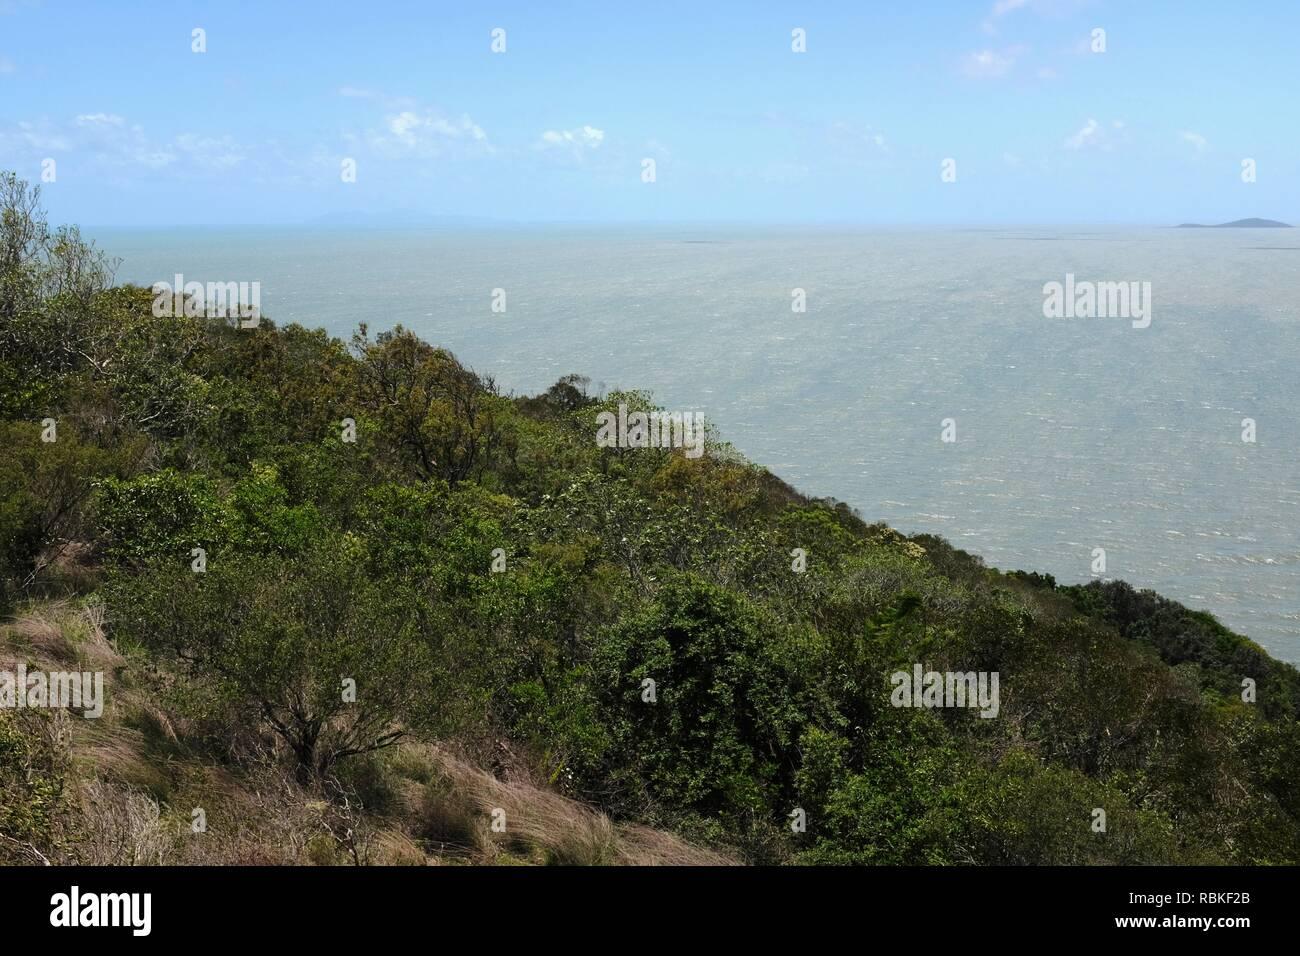 La terre et l'océan le fractionnement de la photo, de la randonnée à travers le parc national de Cape Hillsborough, Queensland, Australie Photo Stock